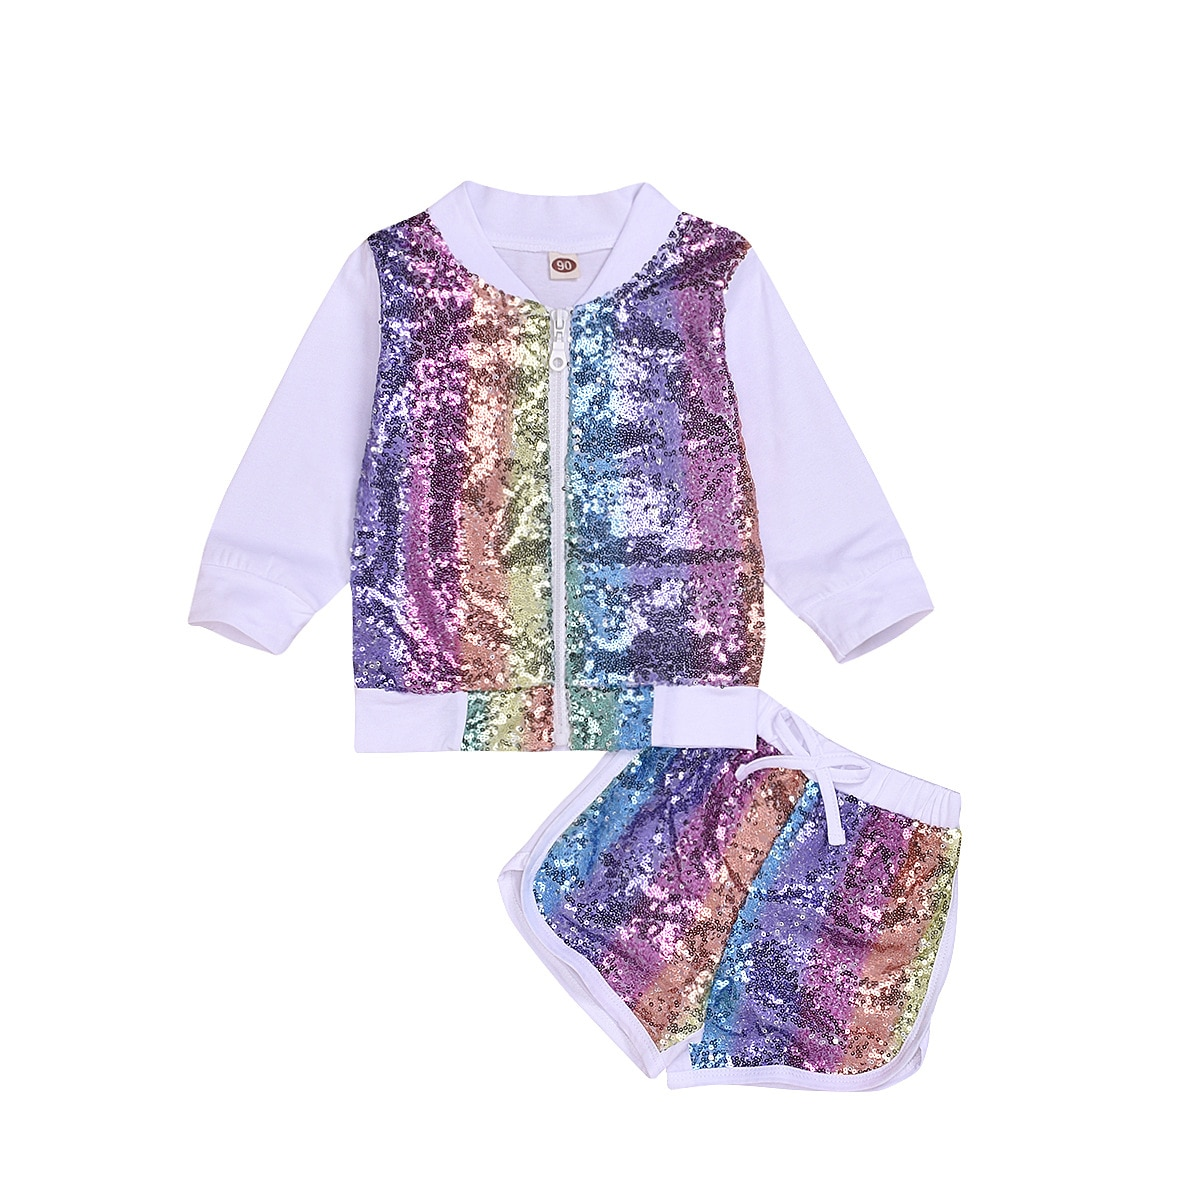 Chifuna nova moda arco-íris carta esporte define t-camisa + shorts do bebê boutique criança roupas de verão meninas para o menino